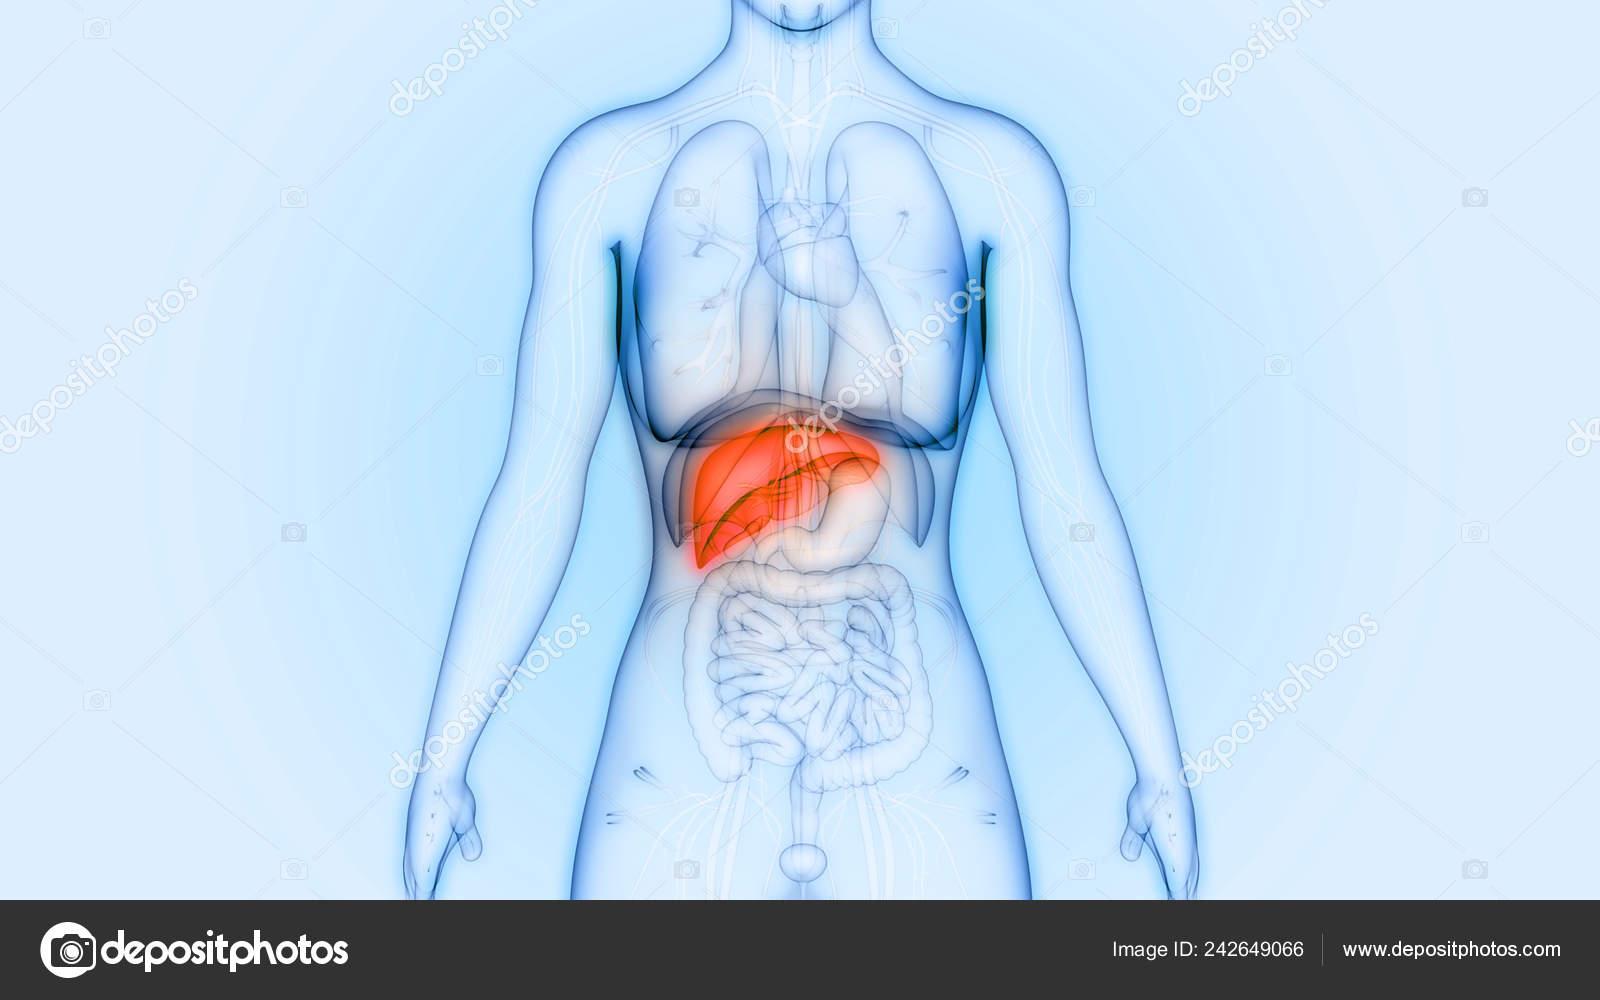 en que parte del cuerpo esta situado el higado